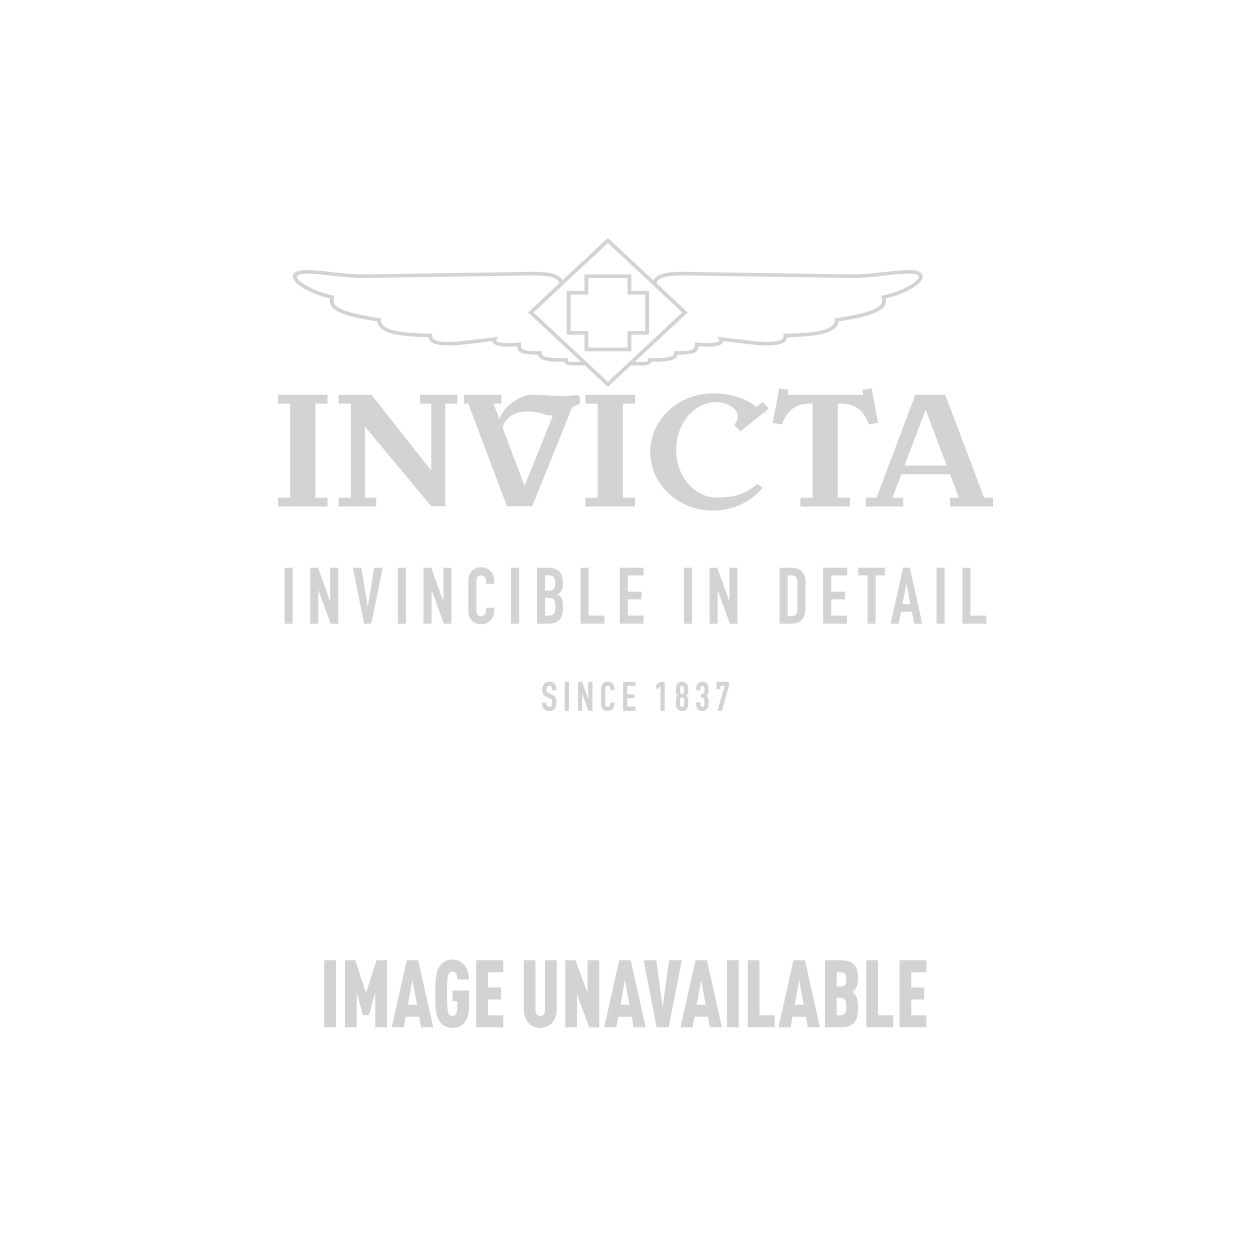 Invicta Model  SC0401